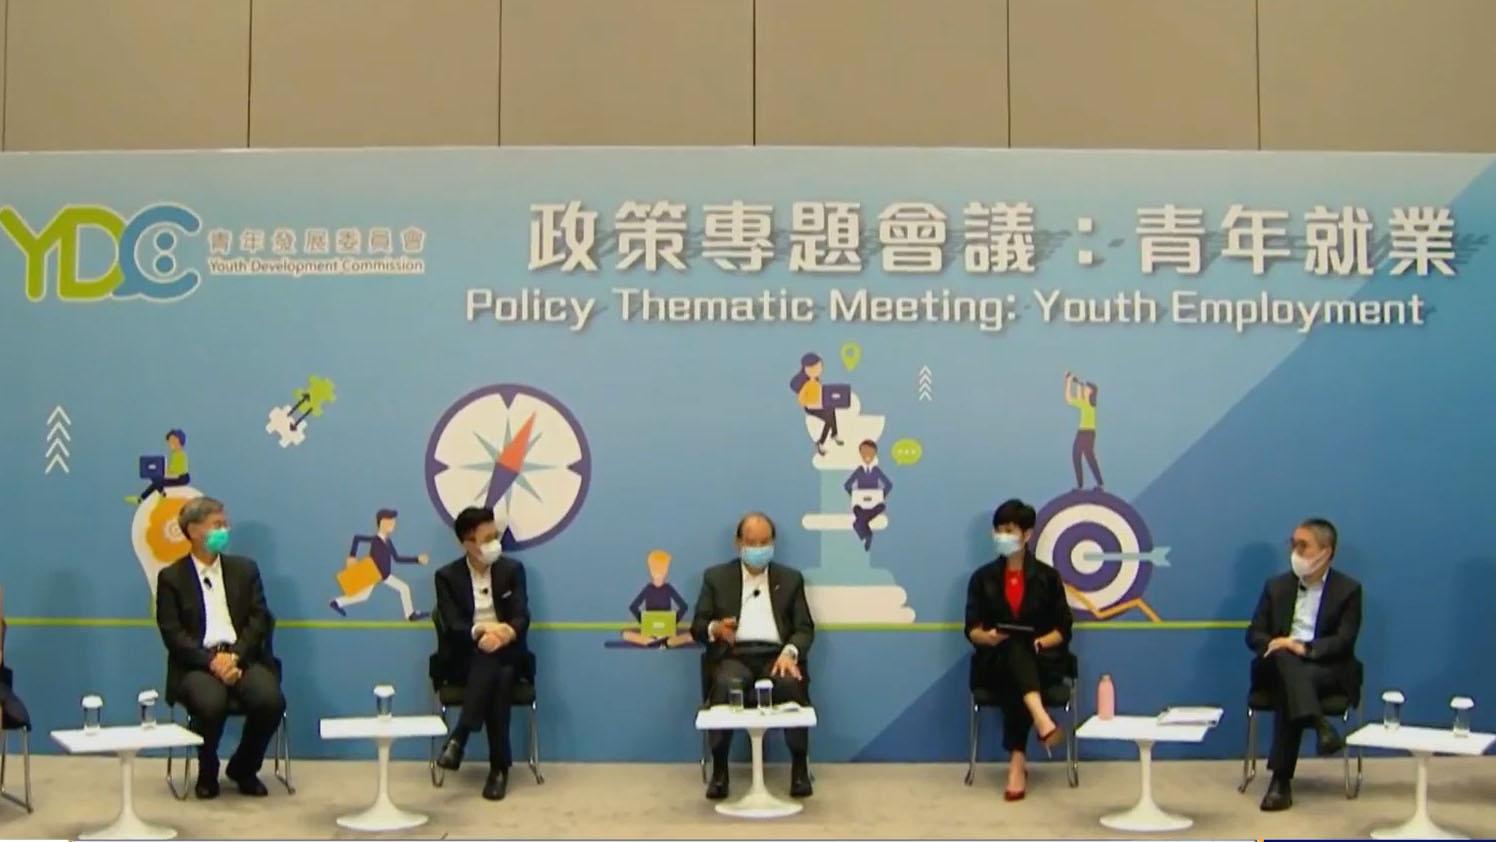 羅致光:青年就業情況比外國好